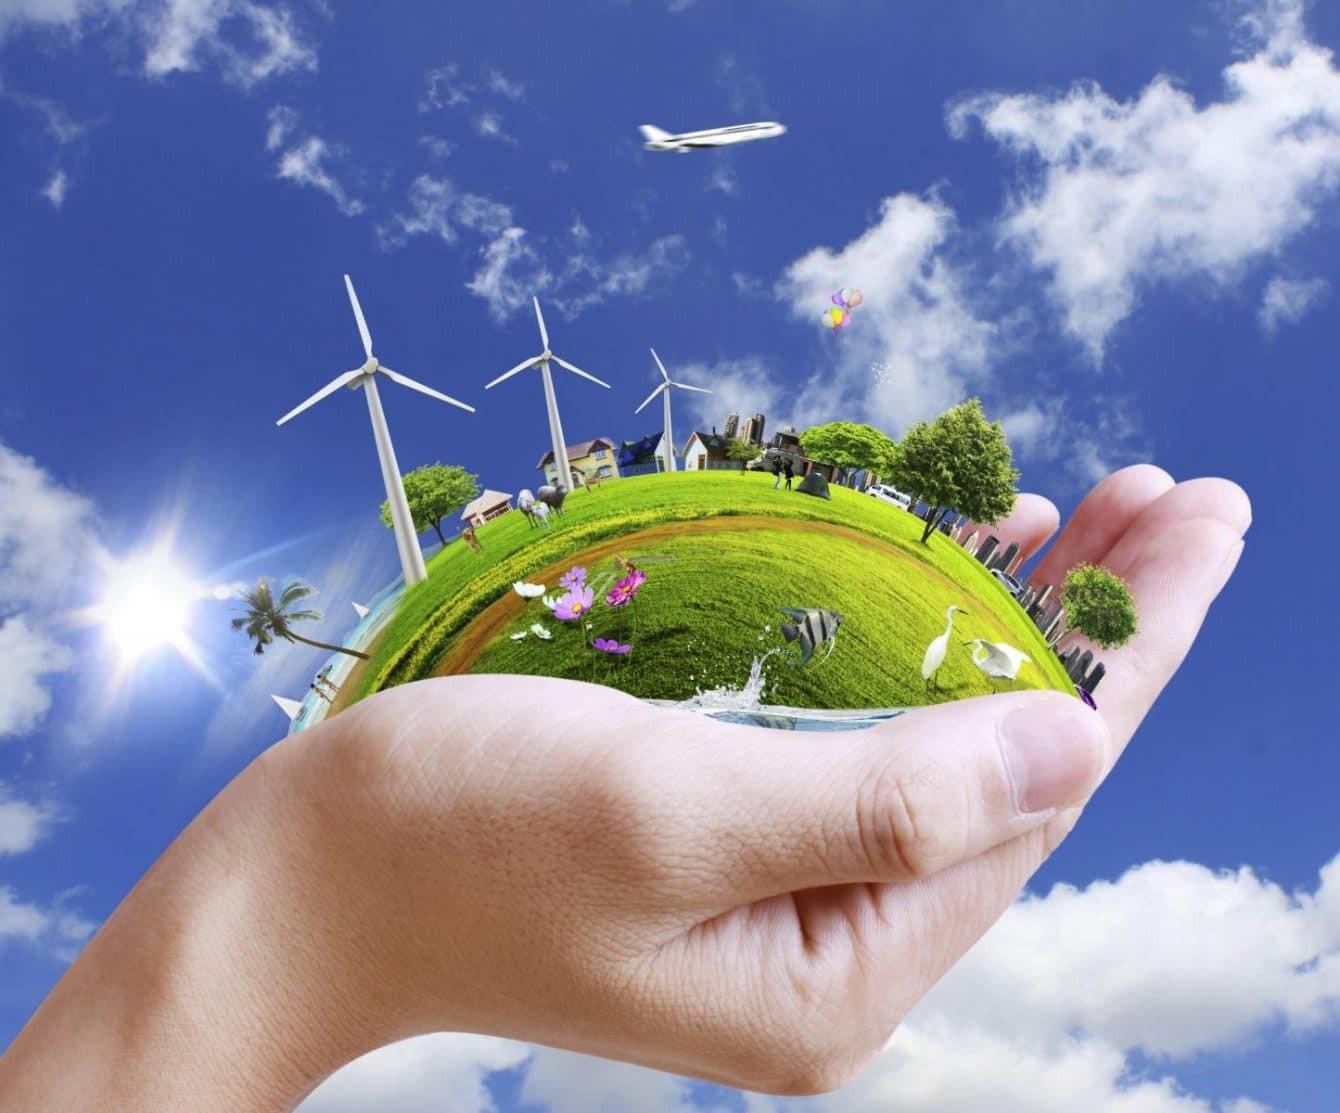 Biện pháp sống xanh bảo vệ môi trường